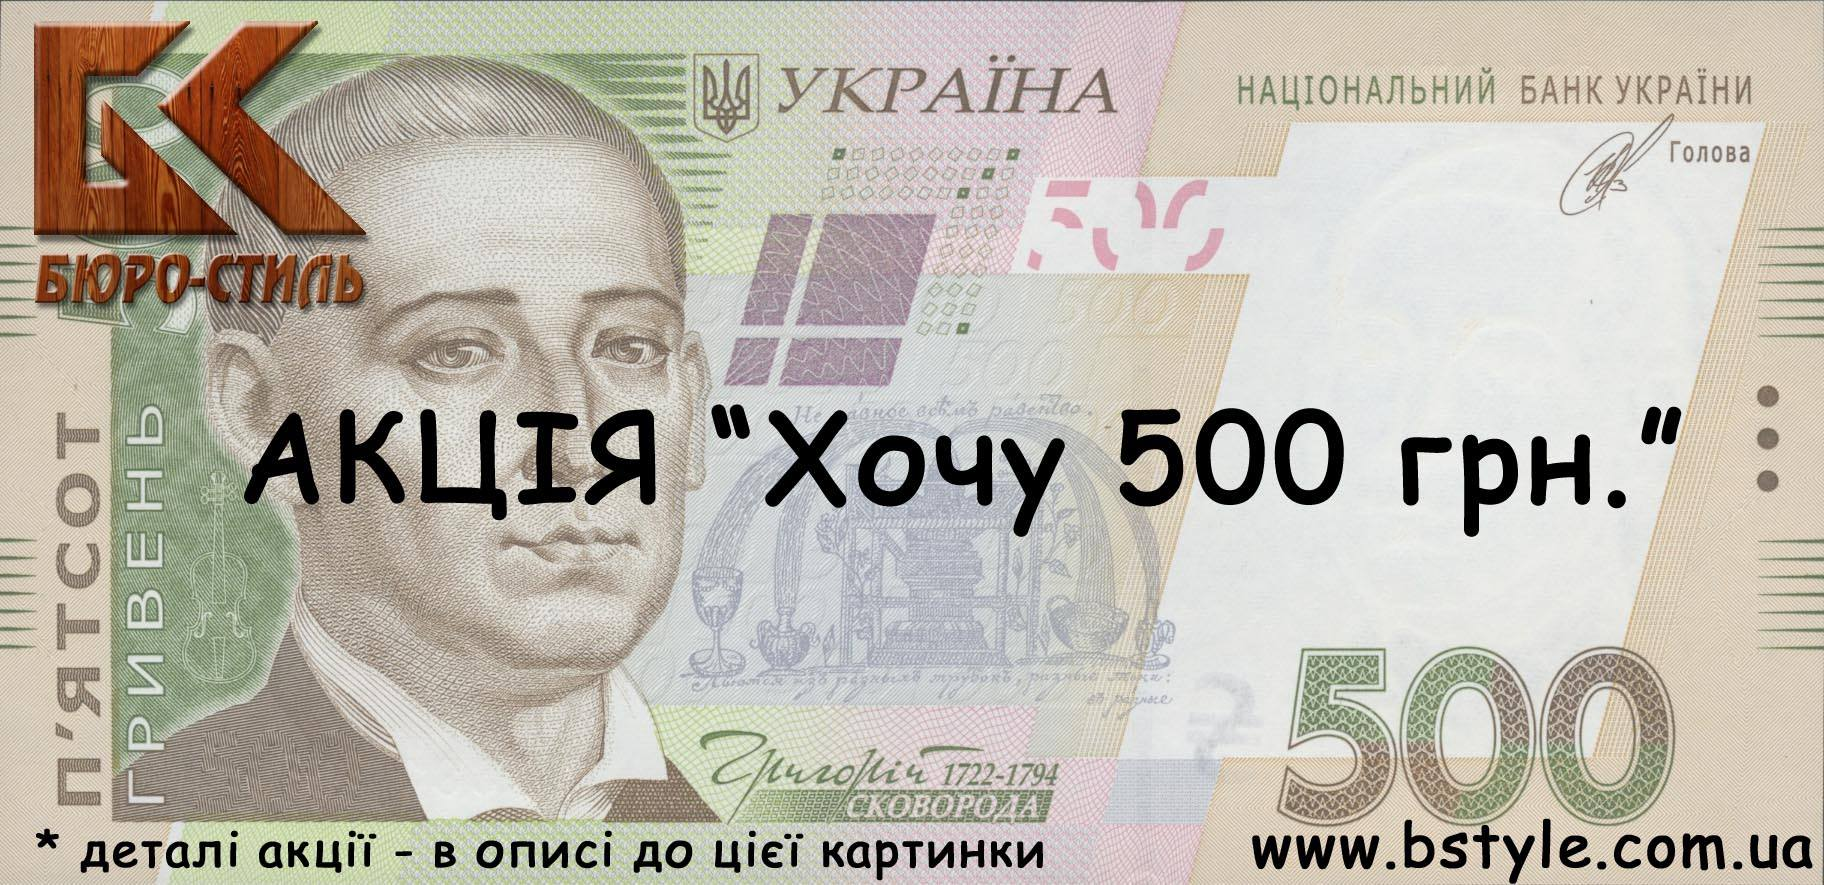 Розігруємо сертифікат на знижку розміром в 500 грн